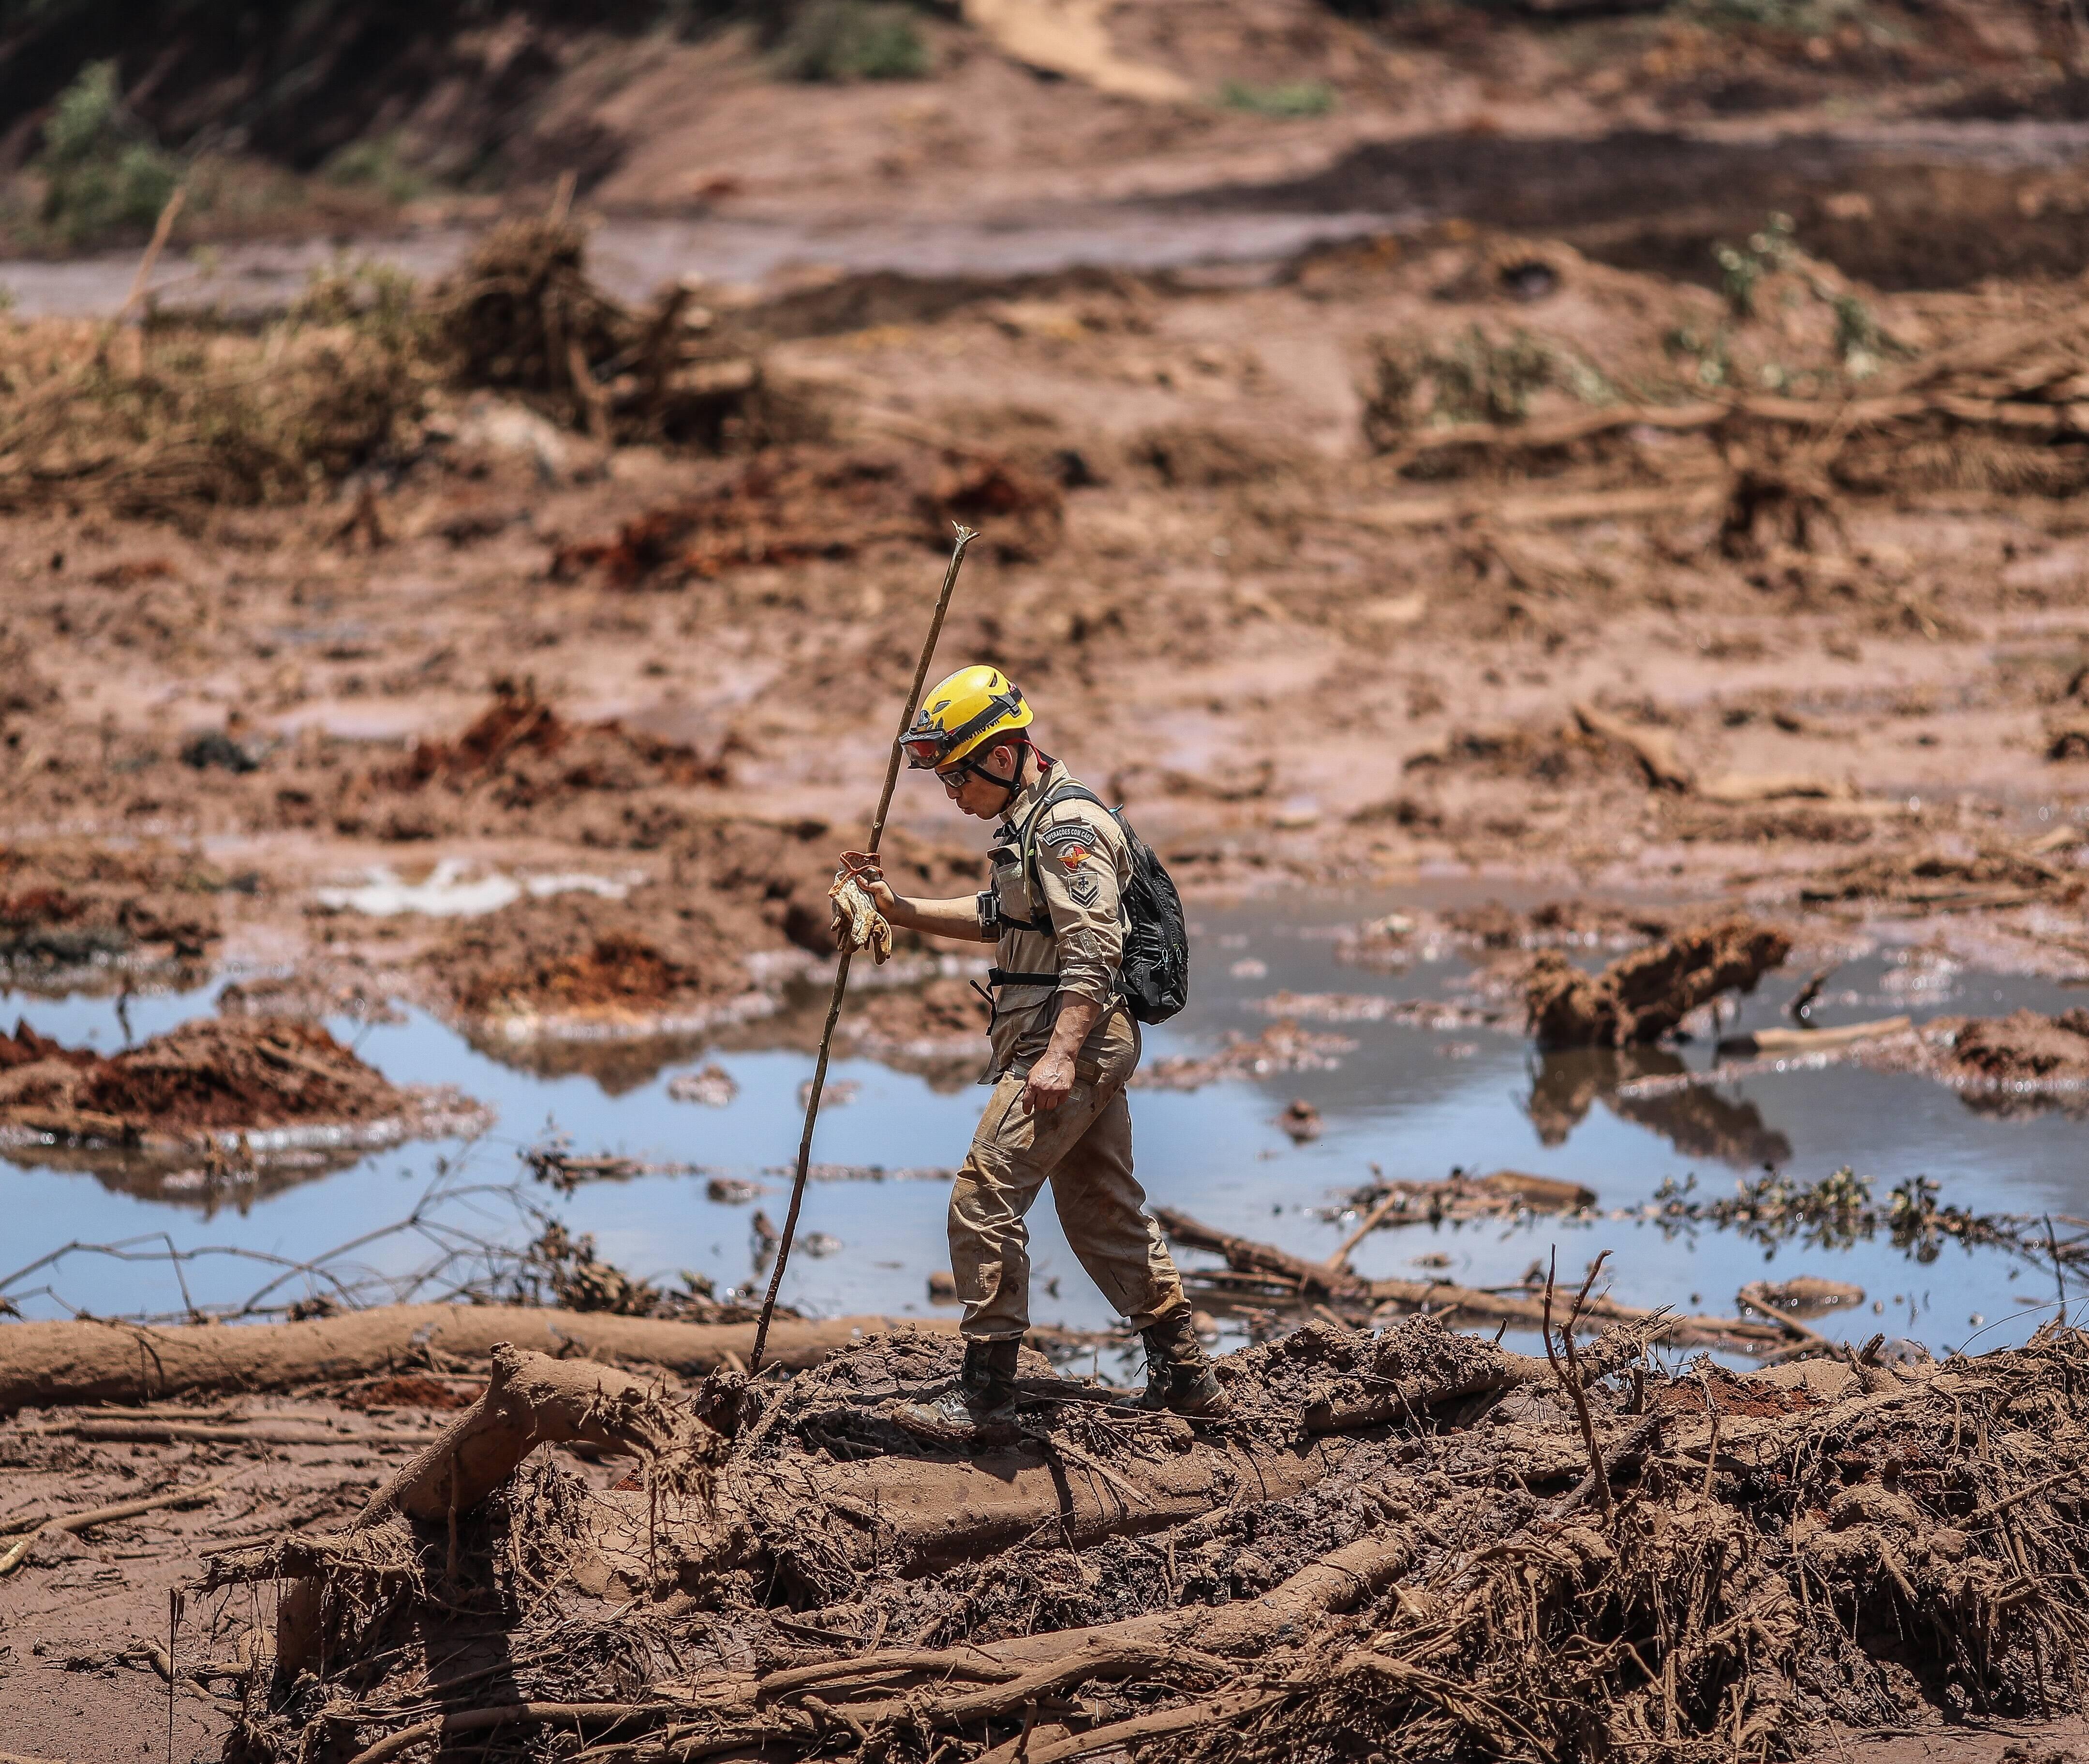 Equipes de resgate em Brumadinho em Minas Gerais. Foto: Ricardo Stuckert / Fotos Públicas